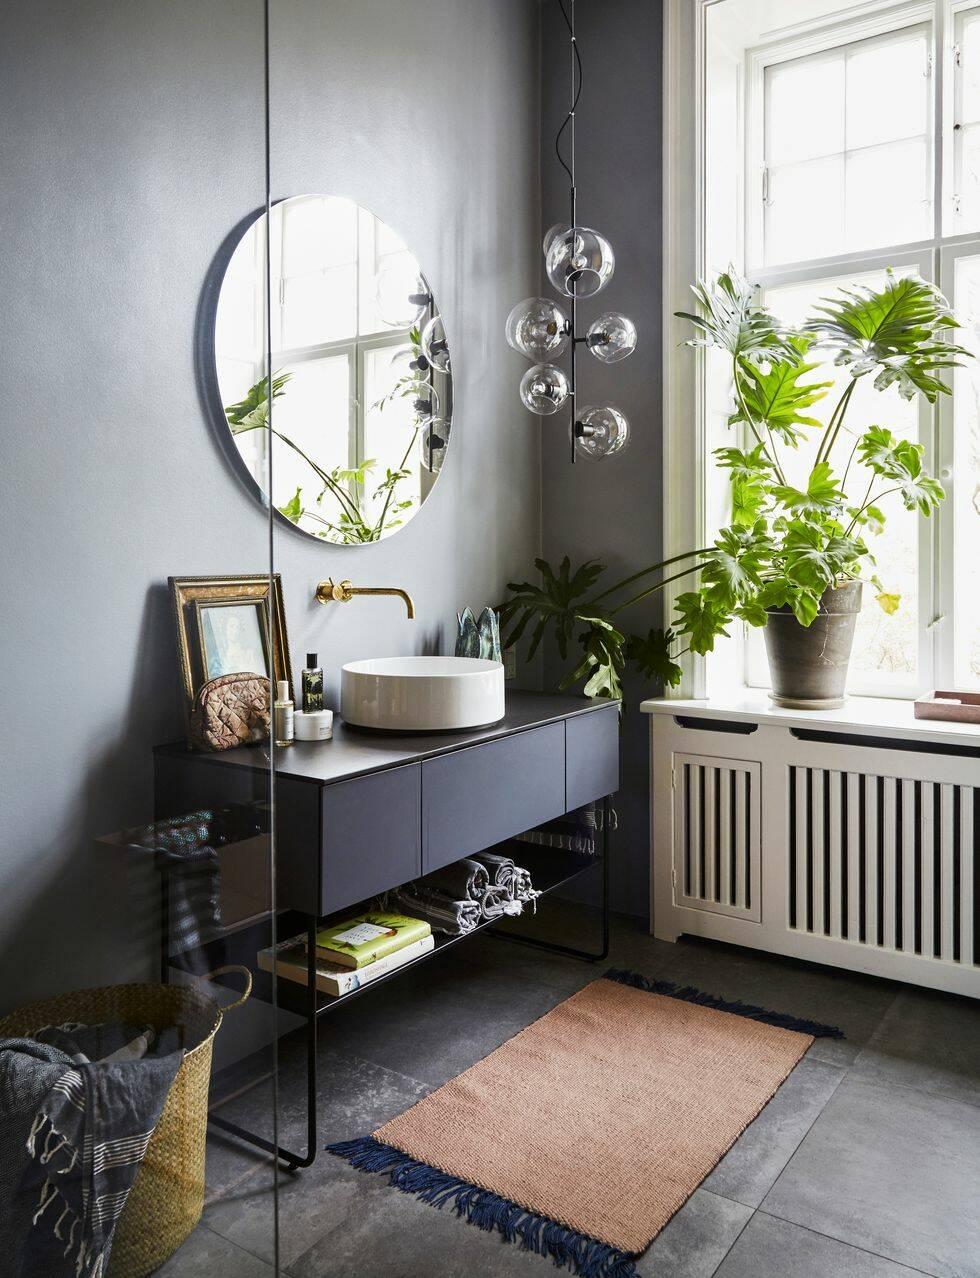 Så här skapar du ett ombonat och lyxigt badrum